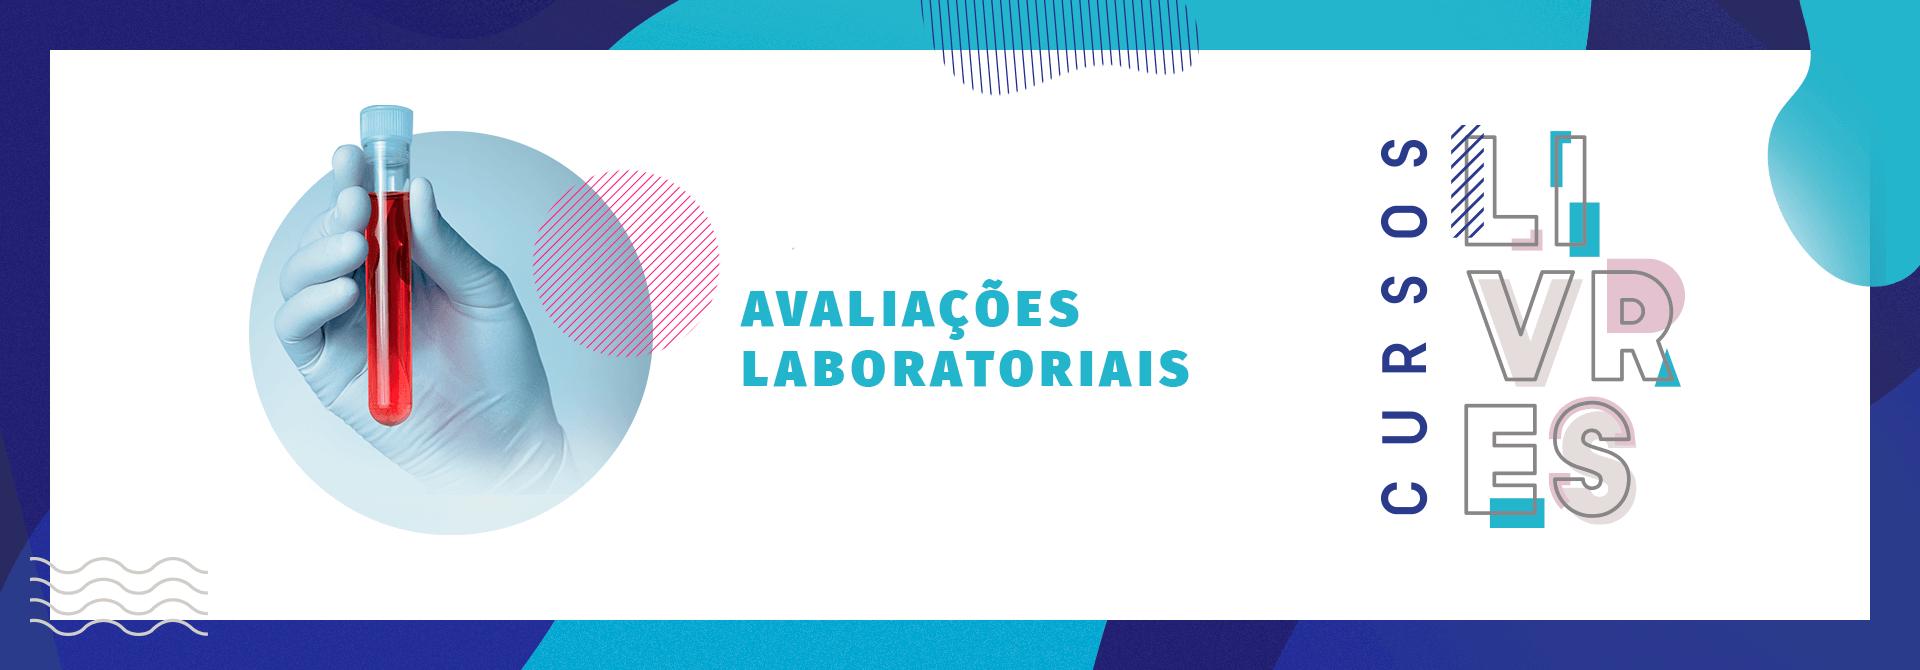 Faça sua inscrição no Curso Livre de Avaliações Laboratoriais da UVV